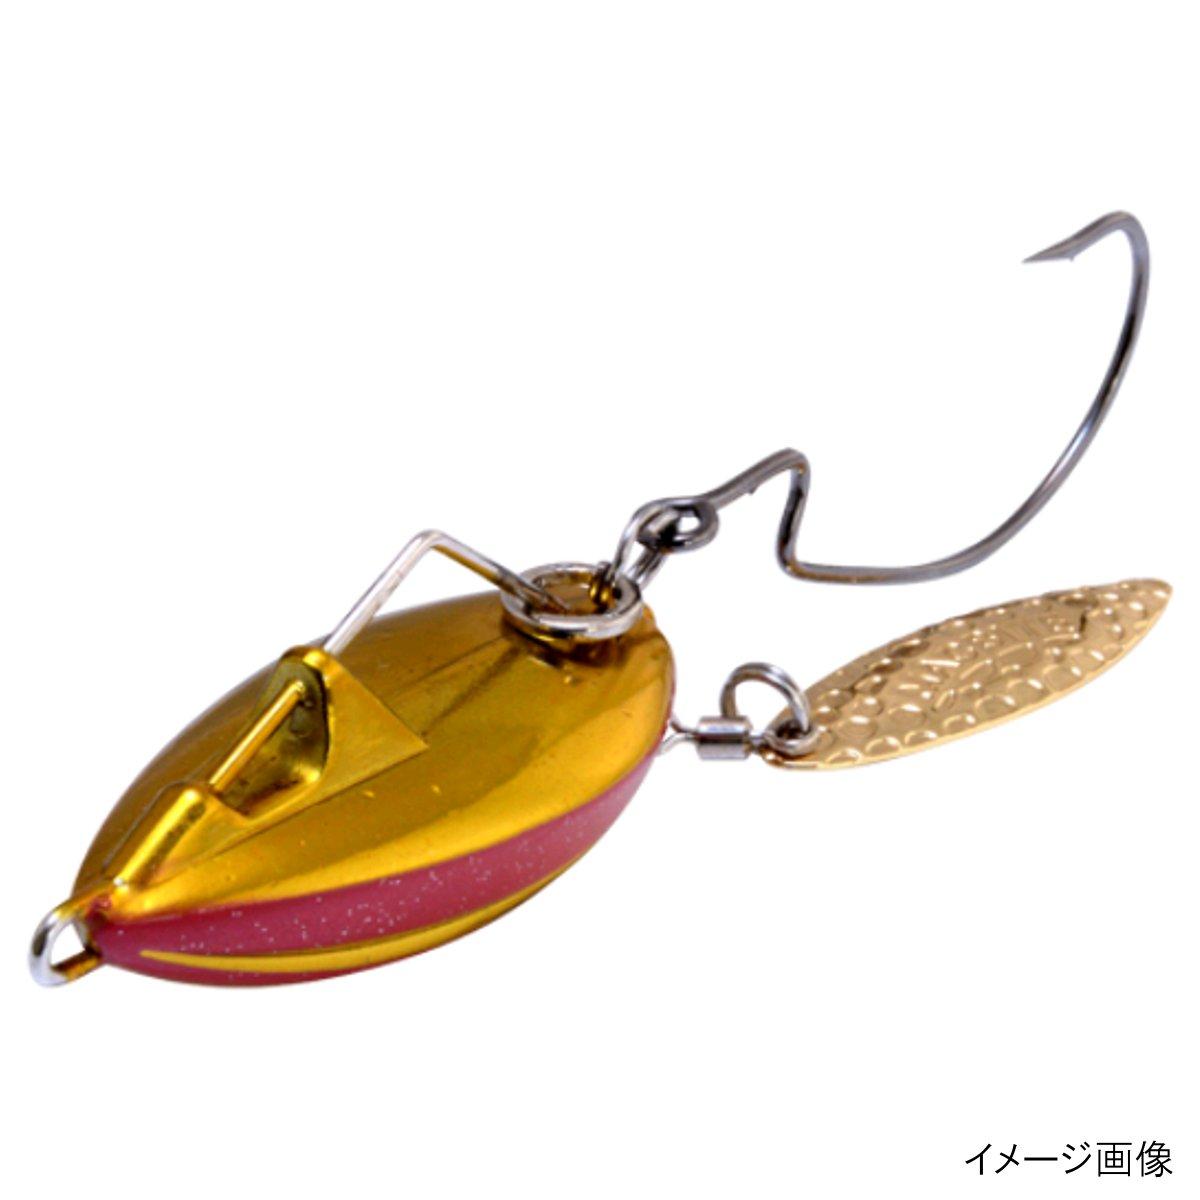 マグバイト バサロHD MBL05 30g 01RG(アカキン)【ゆうパケット】